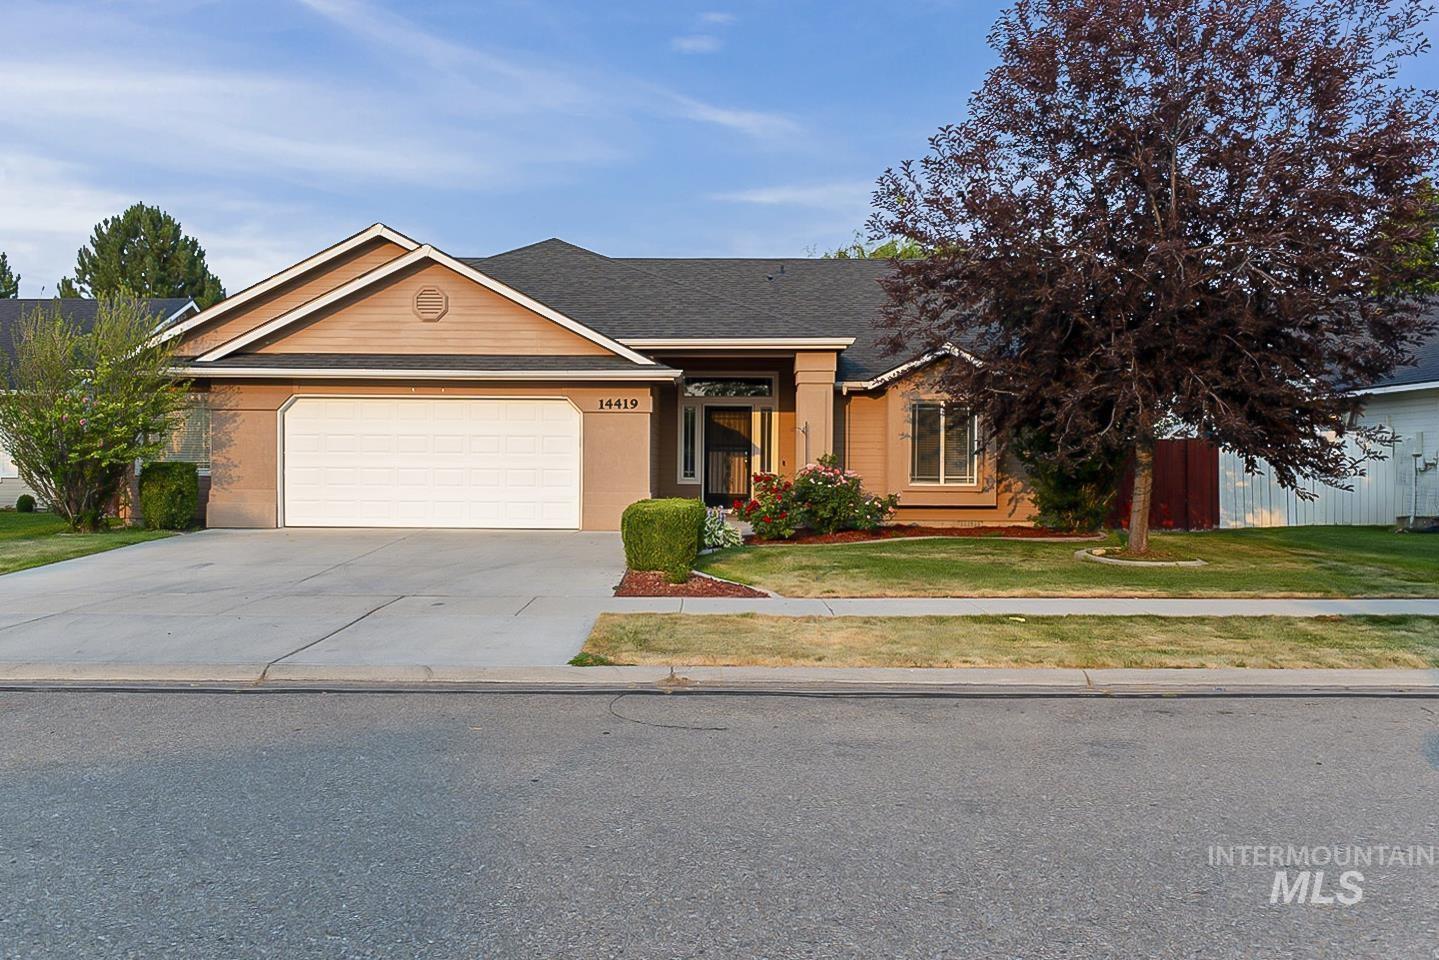 14419 N Presidio Property Photo 1